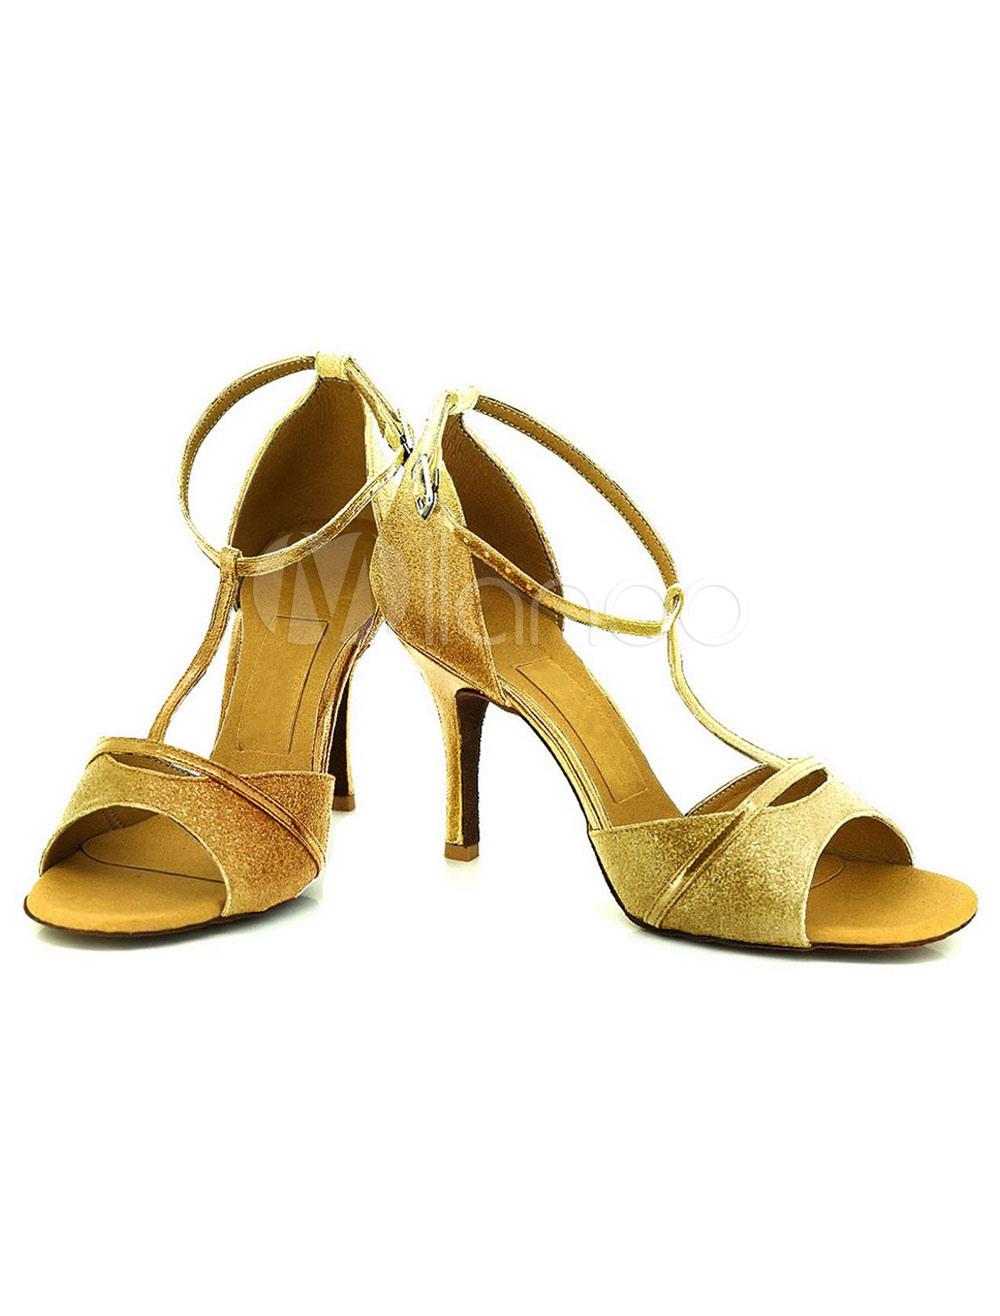 De tacón con lentejuelas dos colores danza azul zapatos mujer modificados para requisitos particulares zapatos de salón de baile 8EW2J